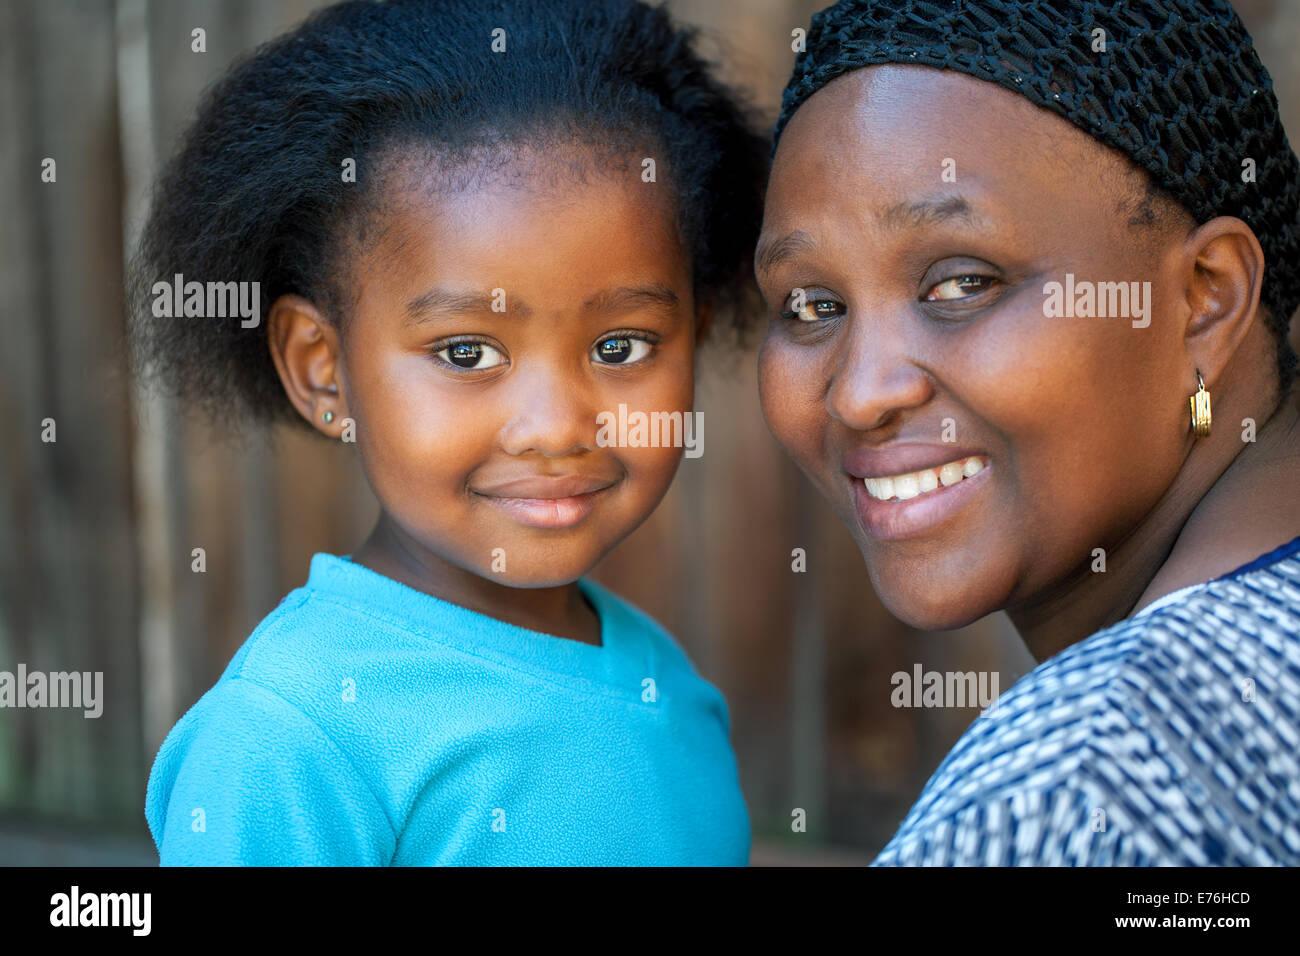 Faccia colpo di poco ragazza africana con mom all'esterno. Immagini Stock